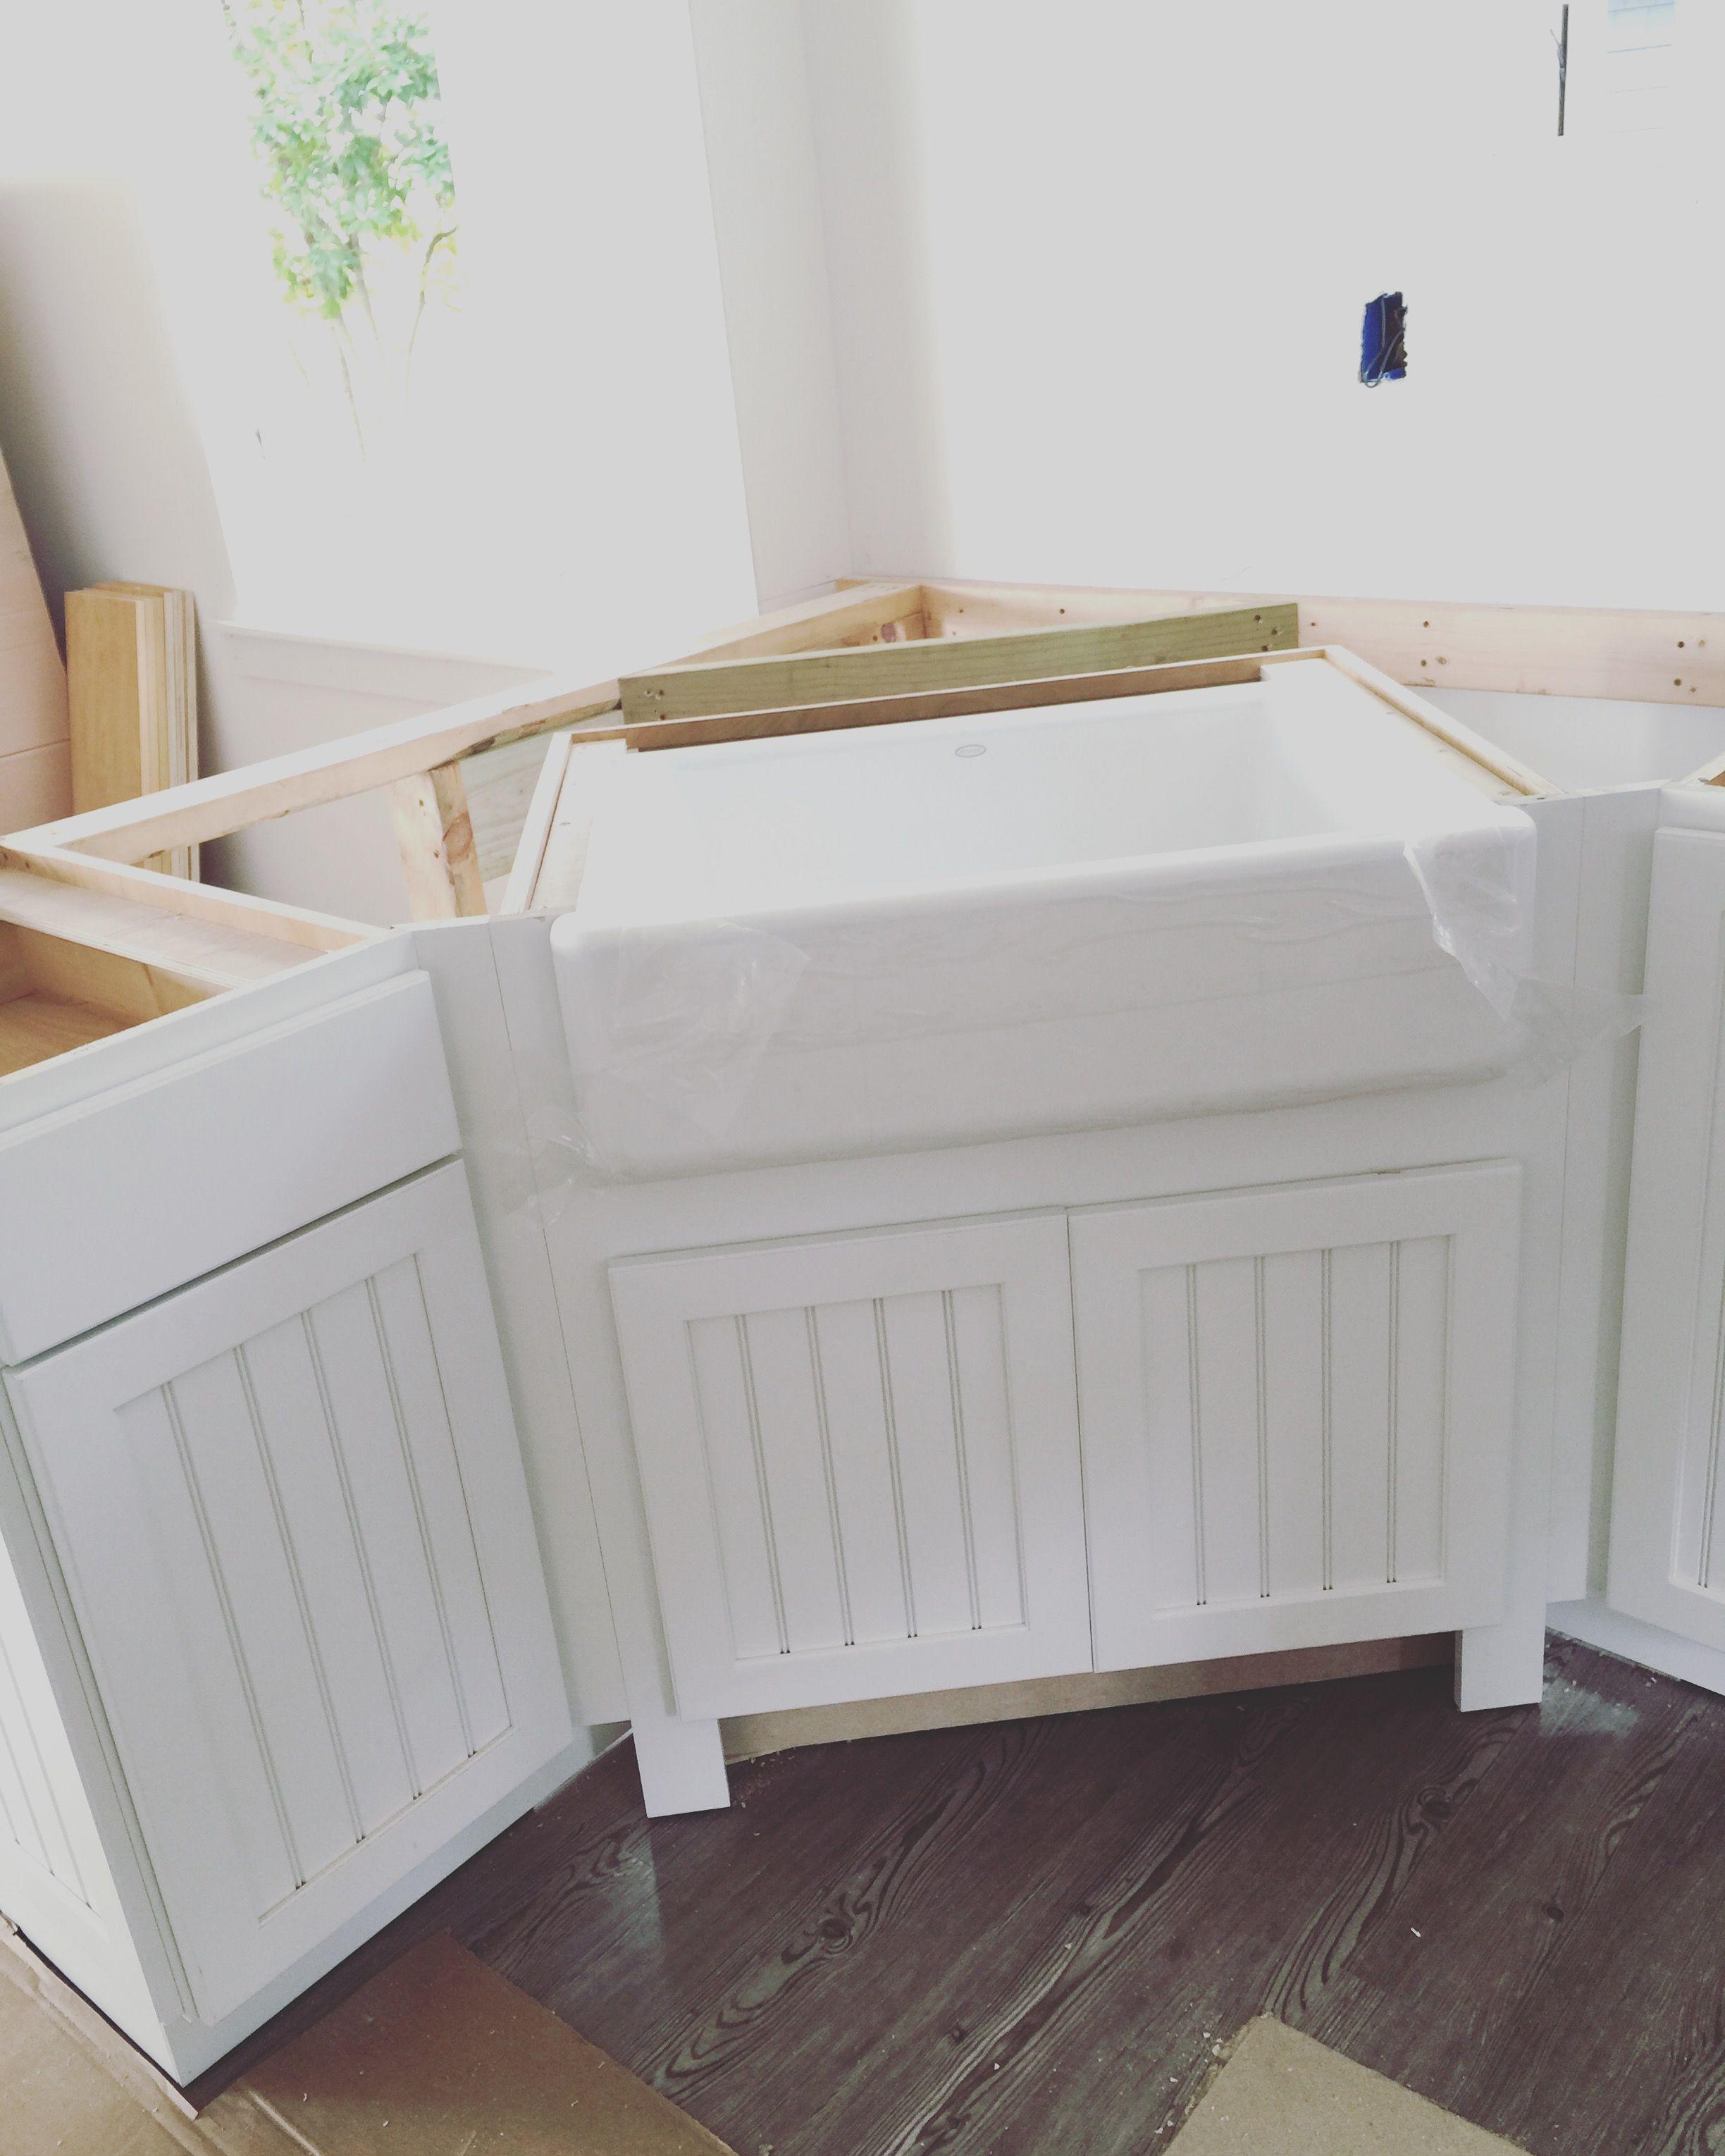 kohlerco farmhouse sink installed precountertop